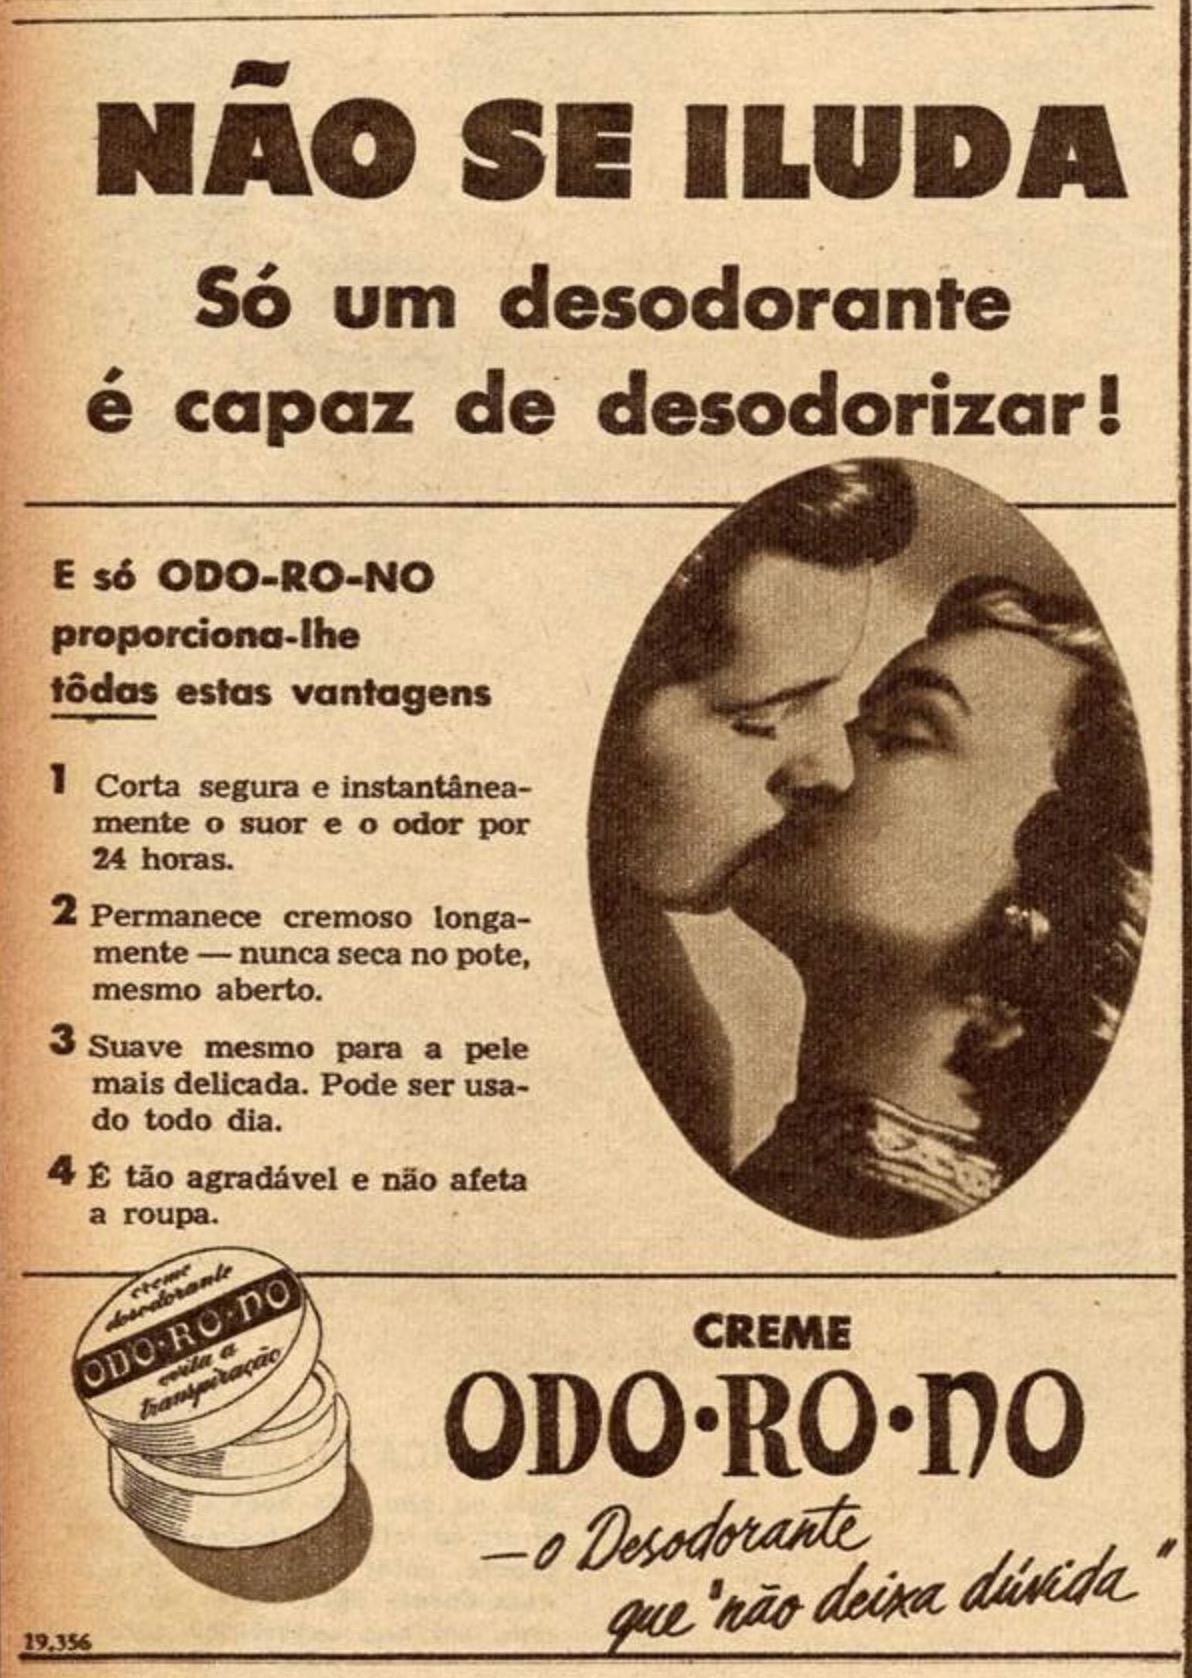 Propaganda antiga de creme antitranspirante Odo-Ro-No veiculada em 1952